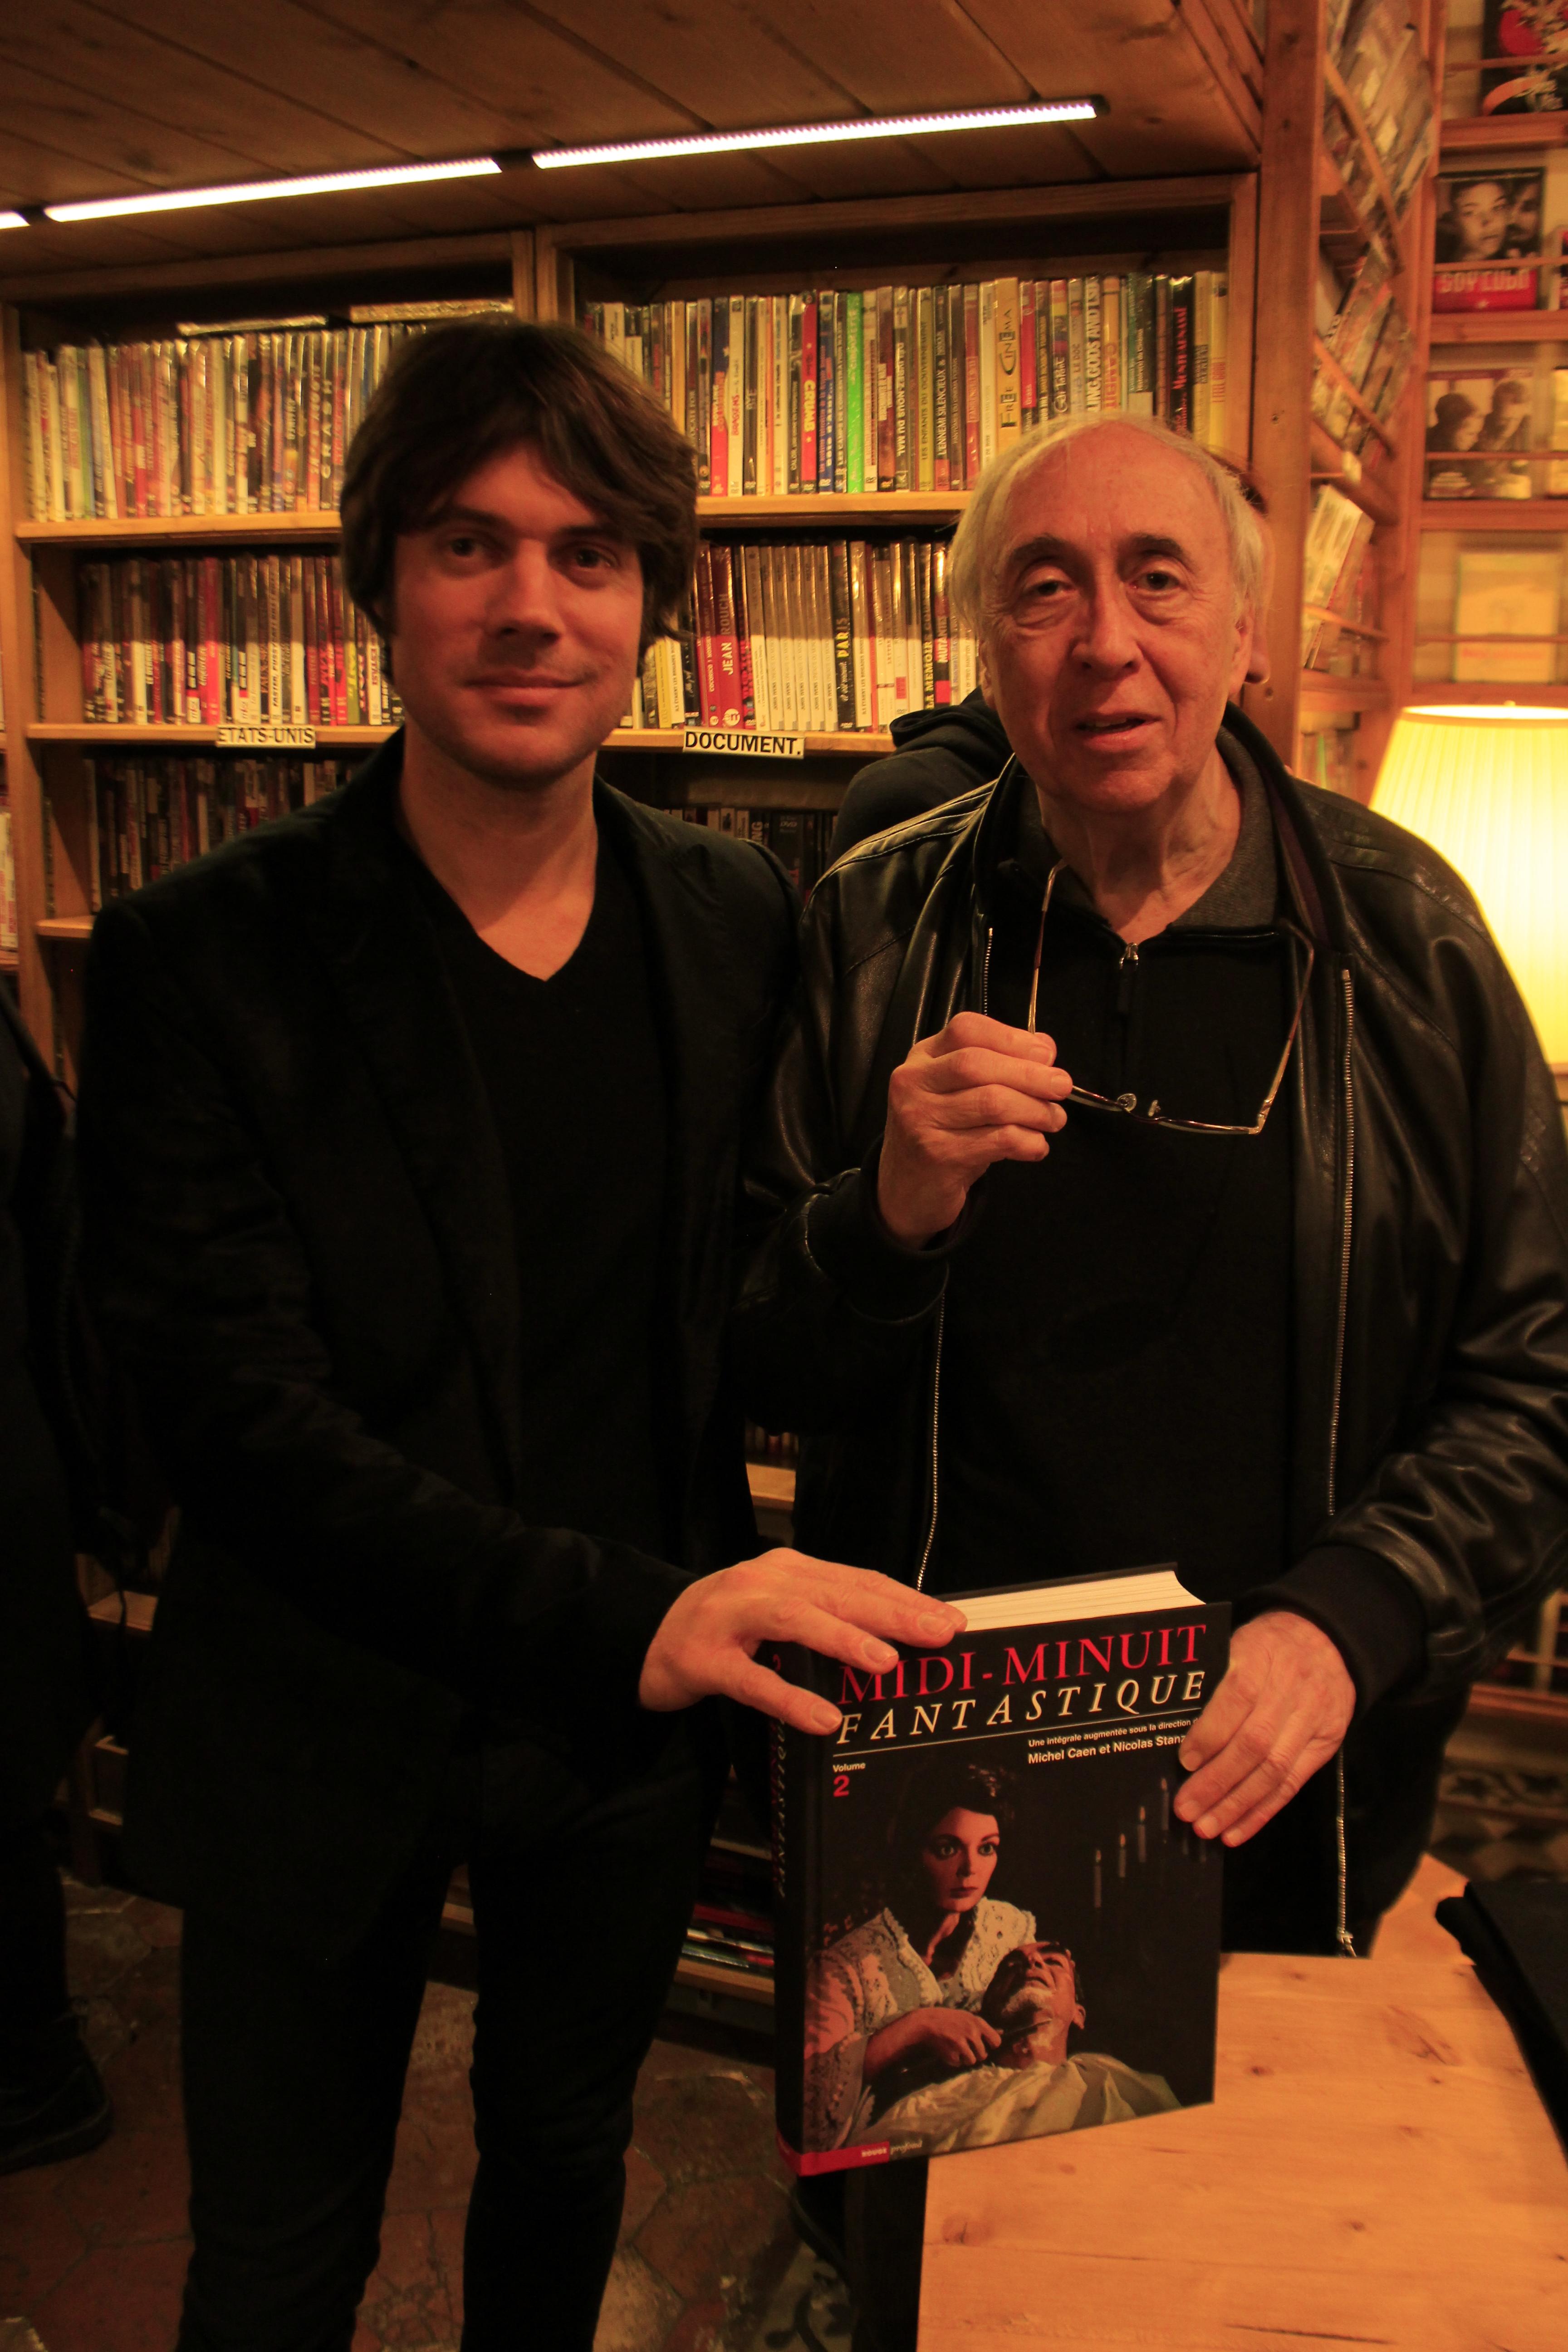 Soirée Midi-Minuit Fantastique, le 15 octobre, à Hors-Circuits, avec Nicolas Stanzick et Jean-Claude Romer